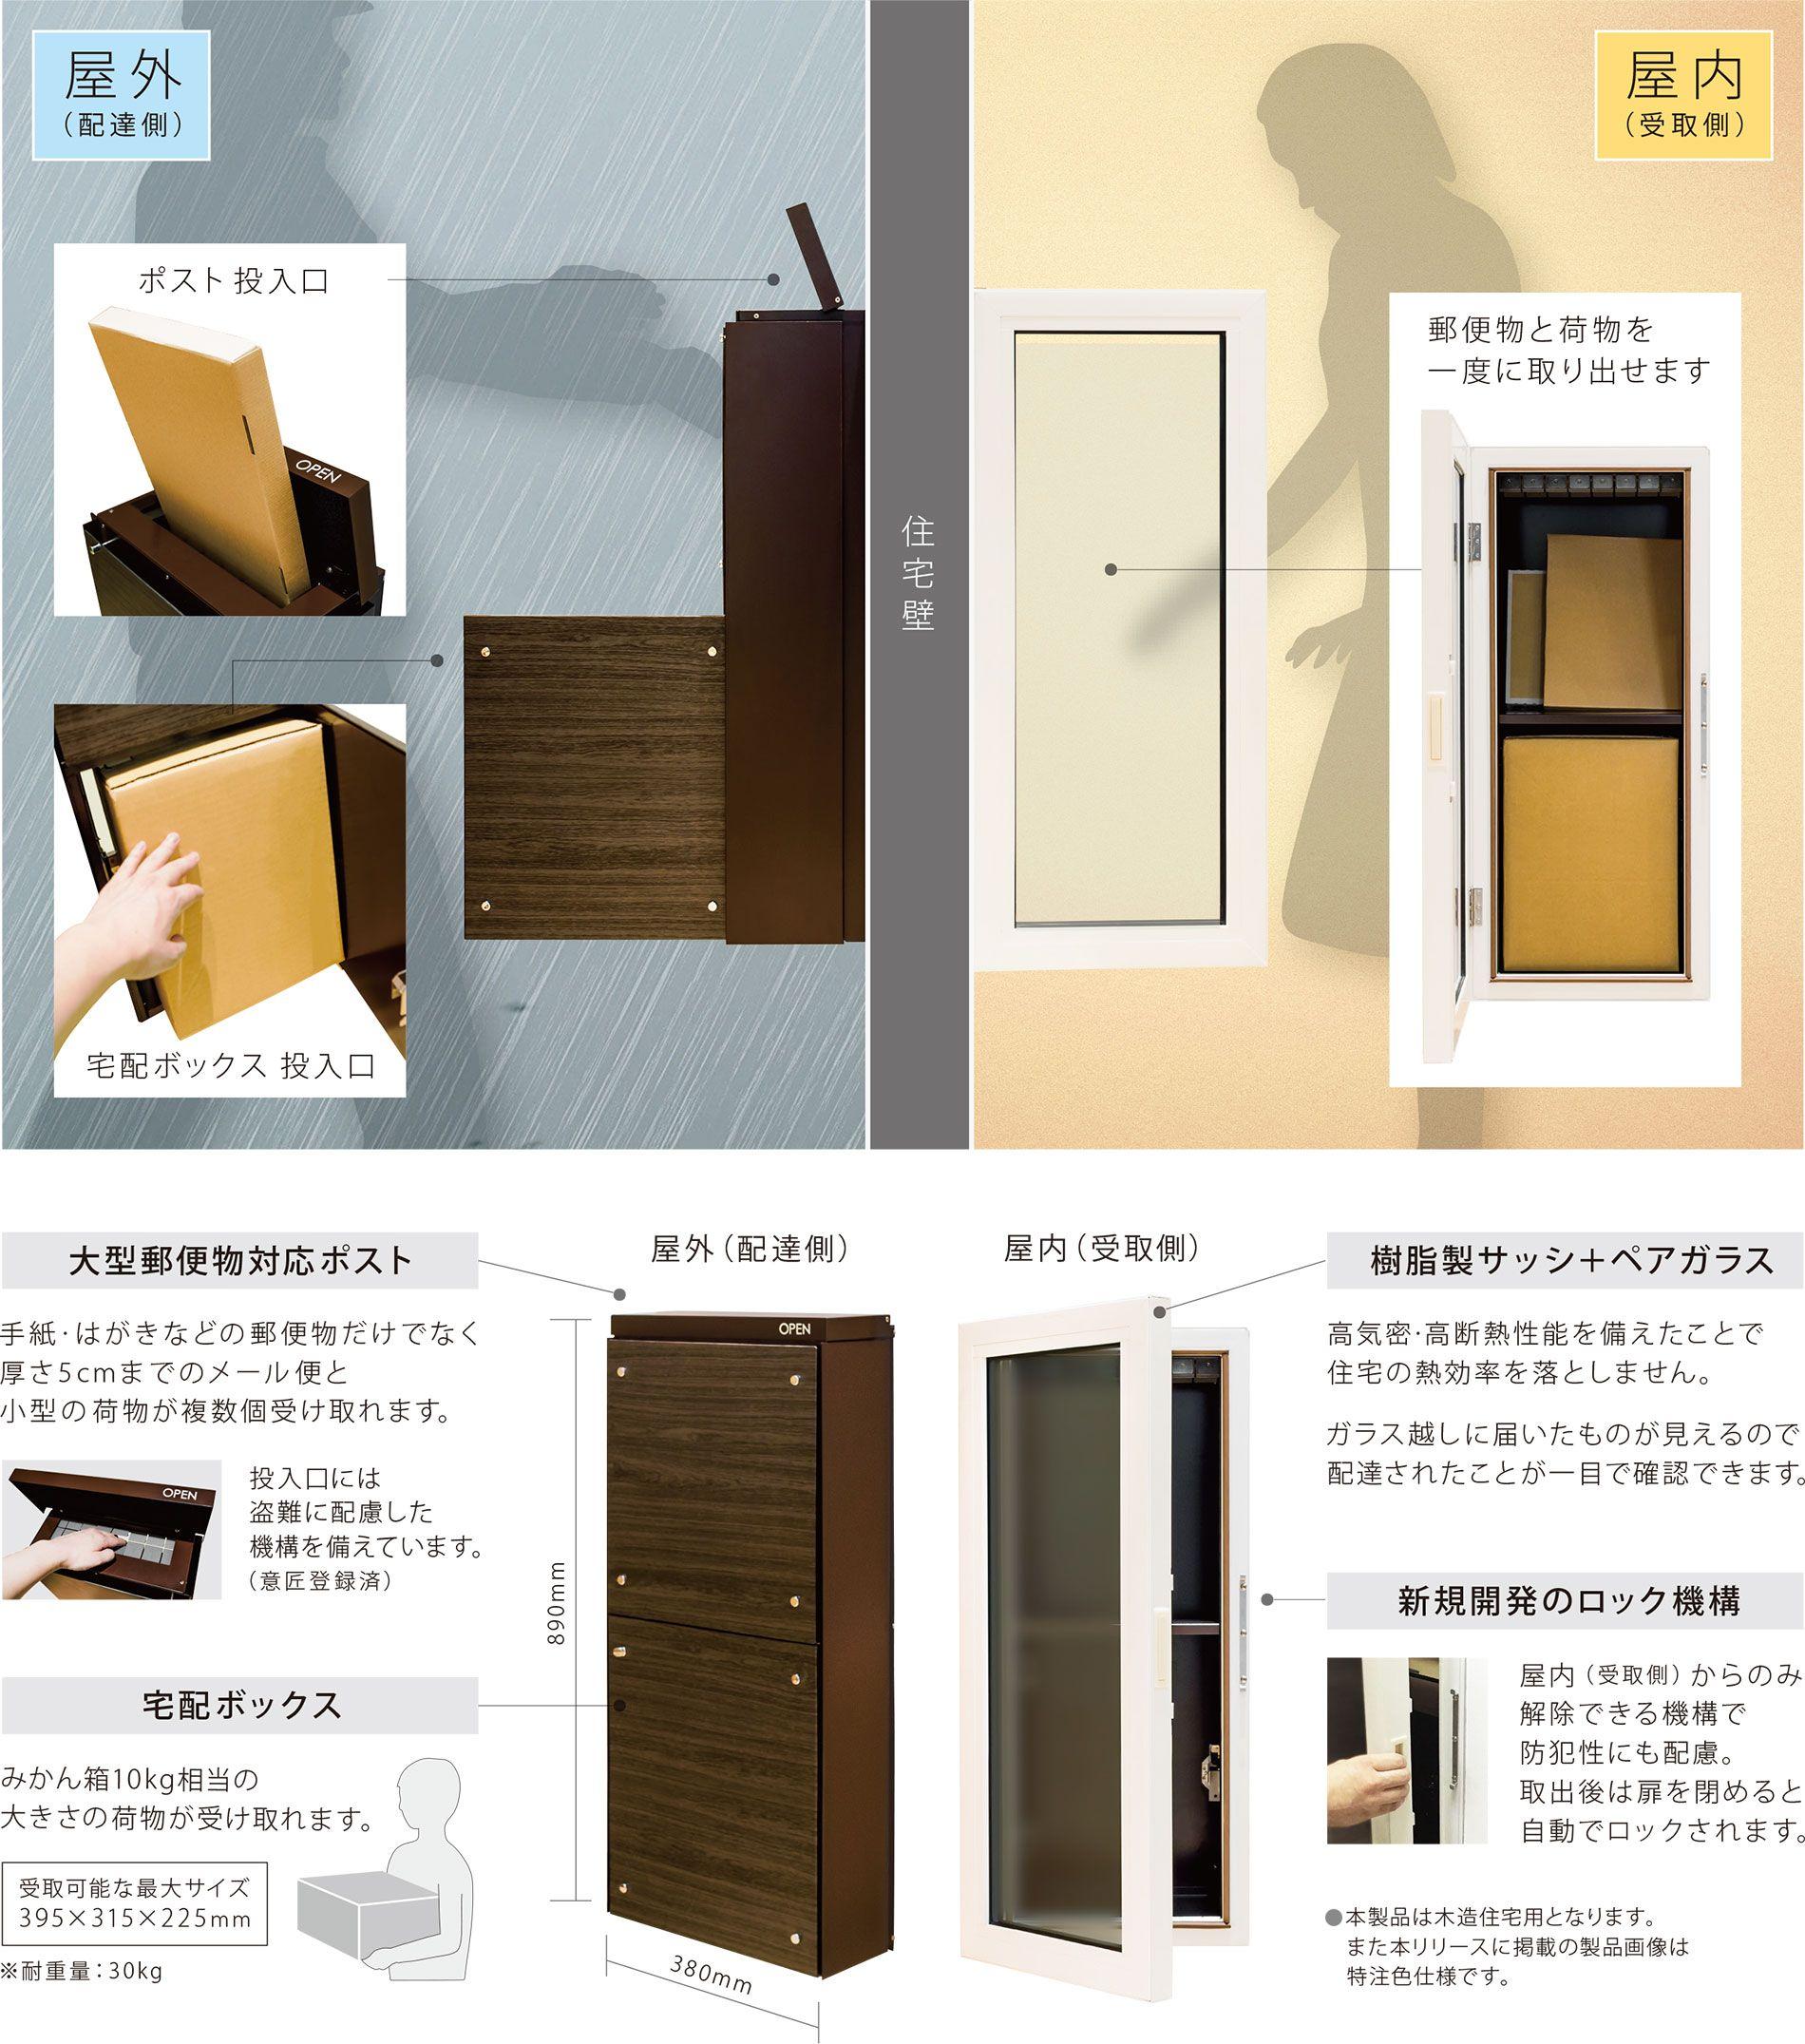 業界初 気密と断熱性能をプラスした 住宅壁貫通型 ポスト付き宅配